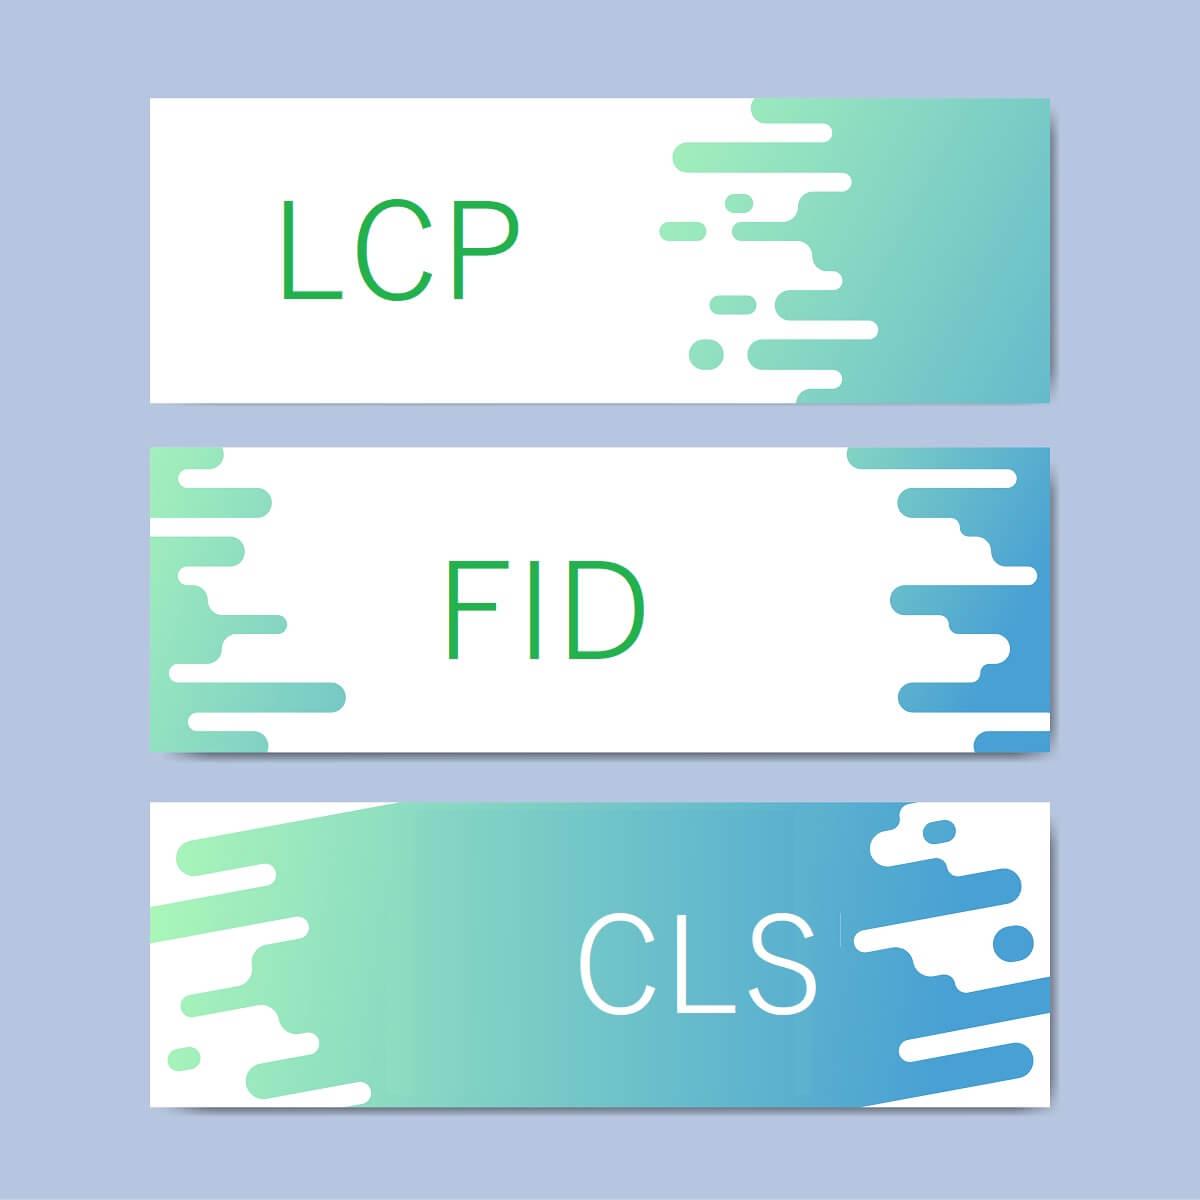 LCP,FID,CLSと書かれたプレート。